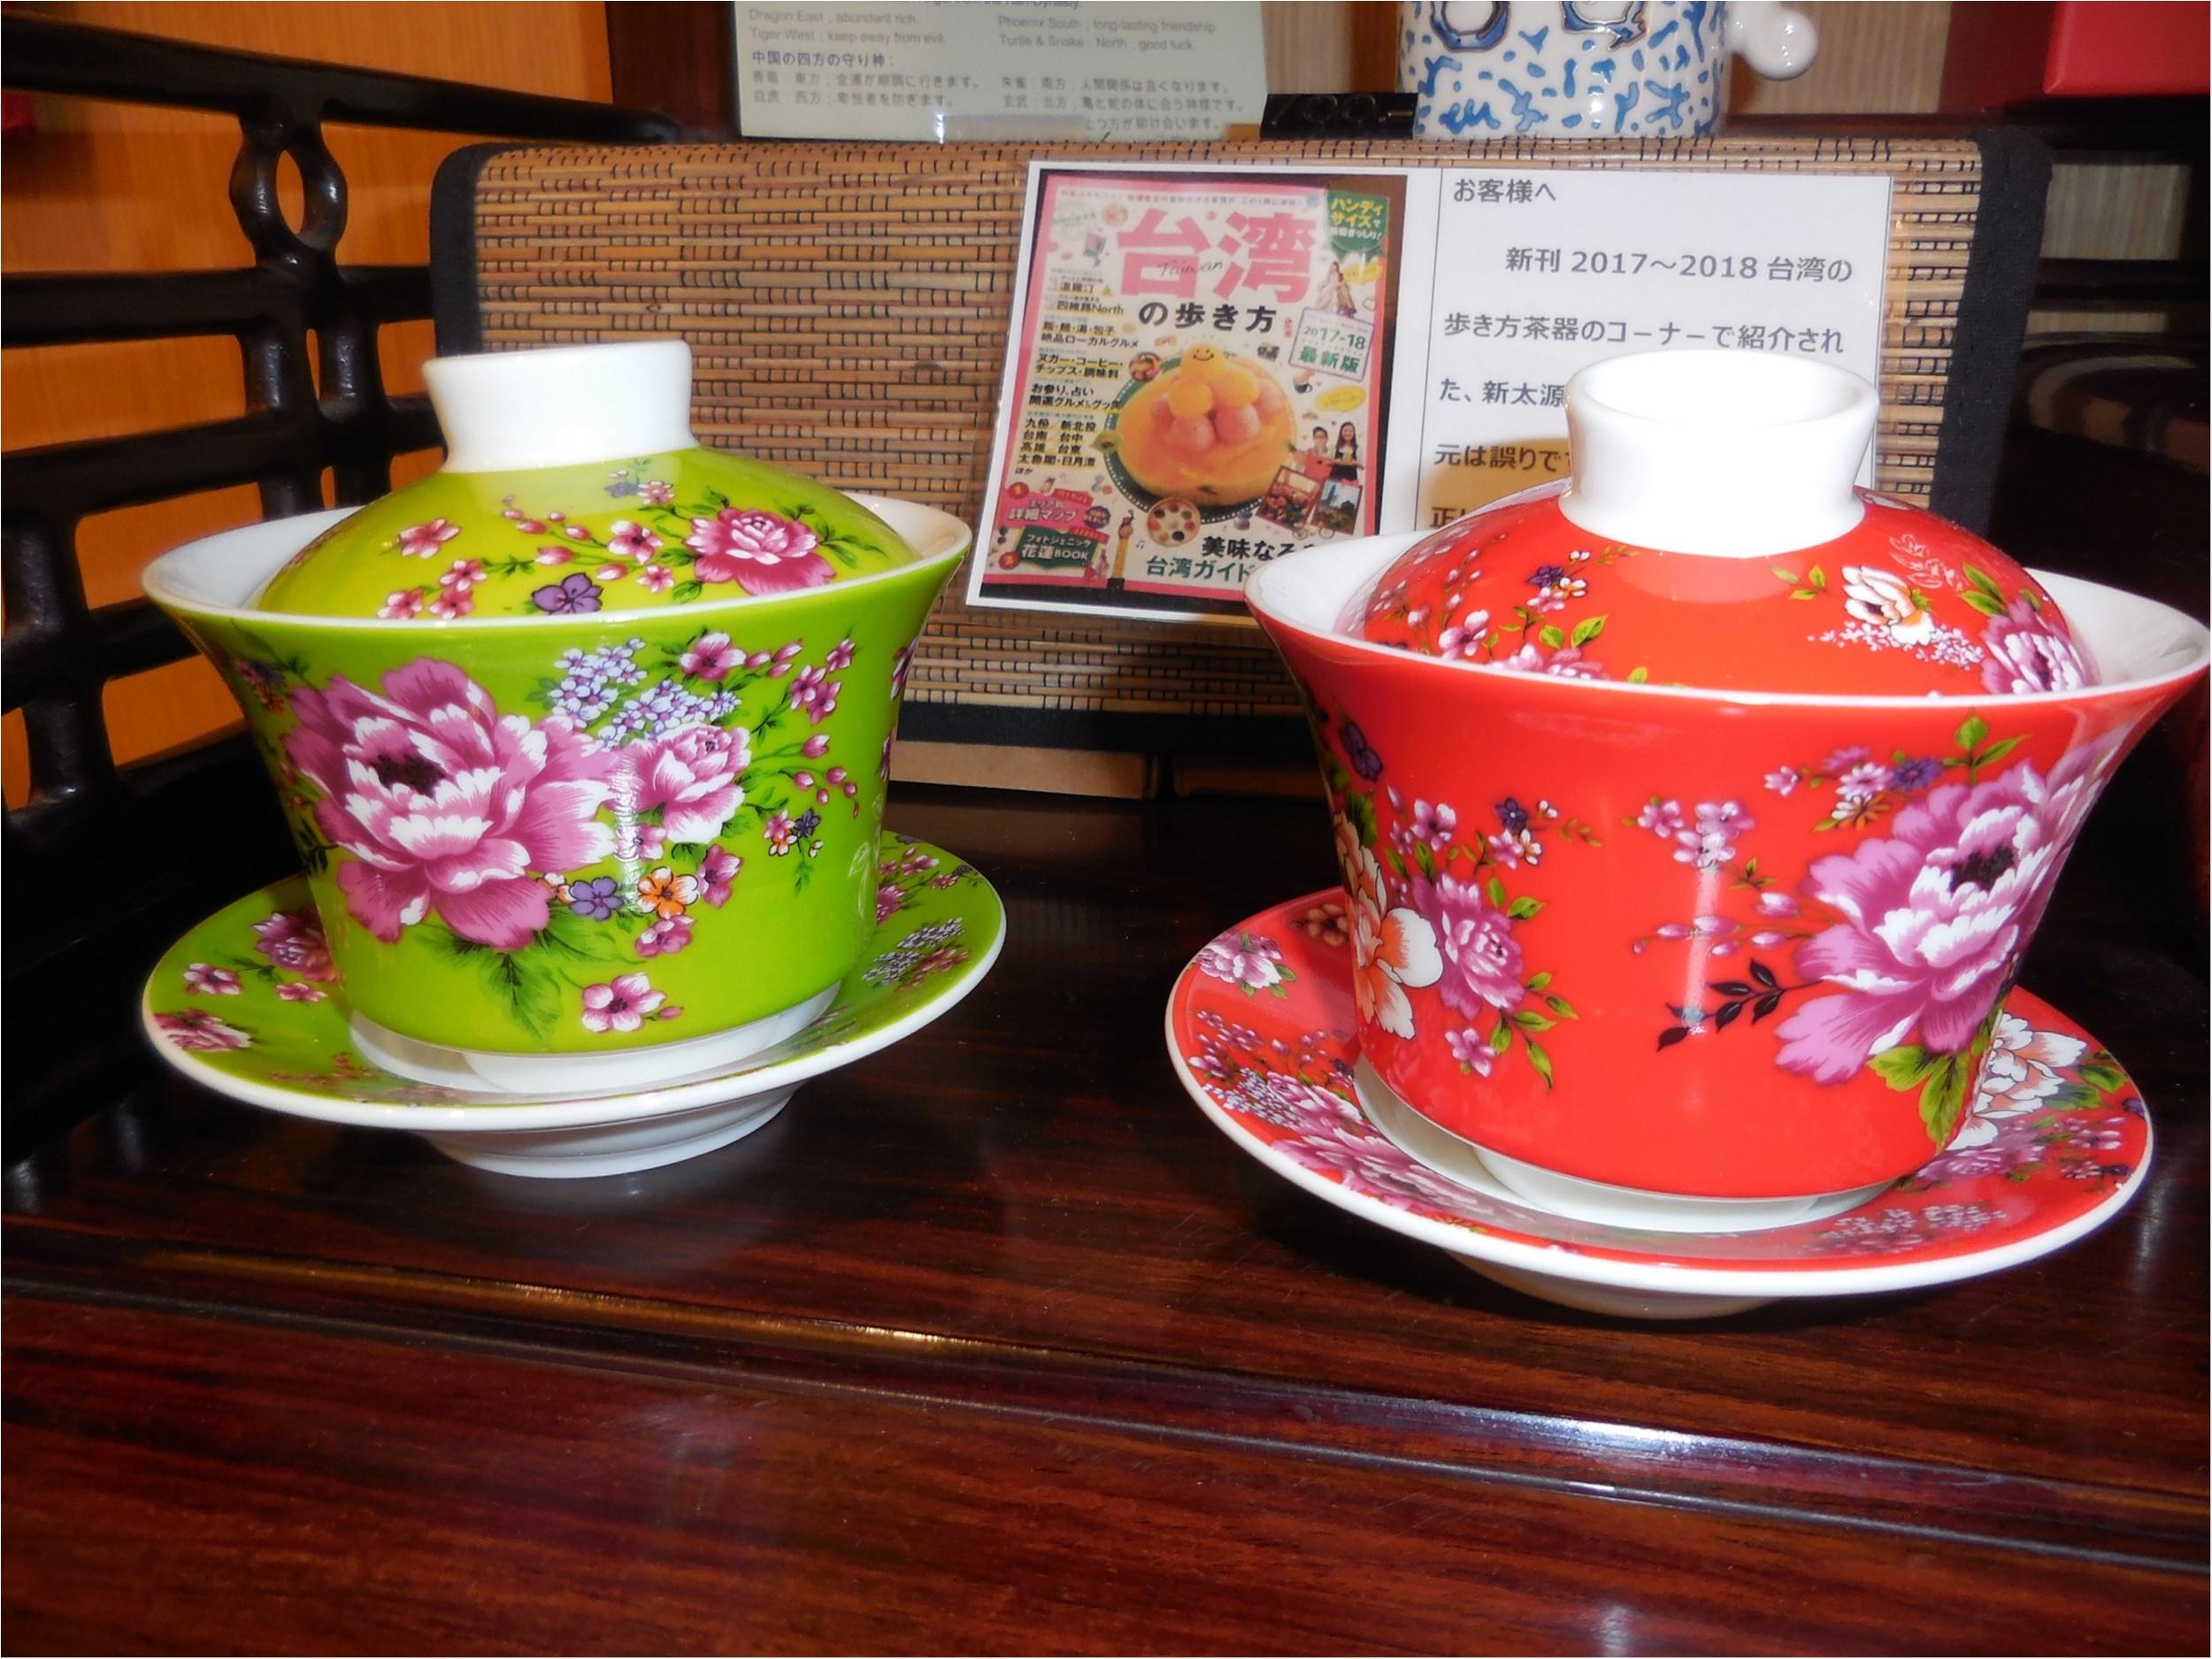 【台湾・台北】台湾花布をモチーフにした飲杯が最高に可愛い!_5